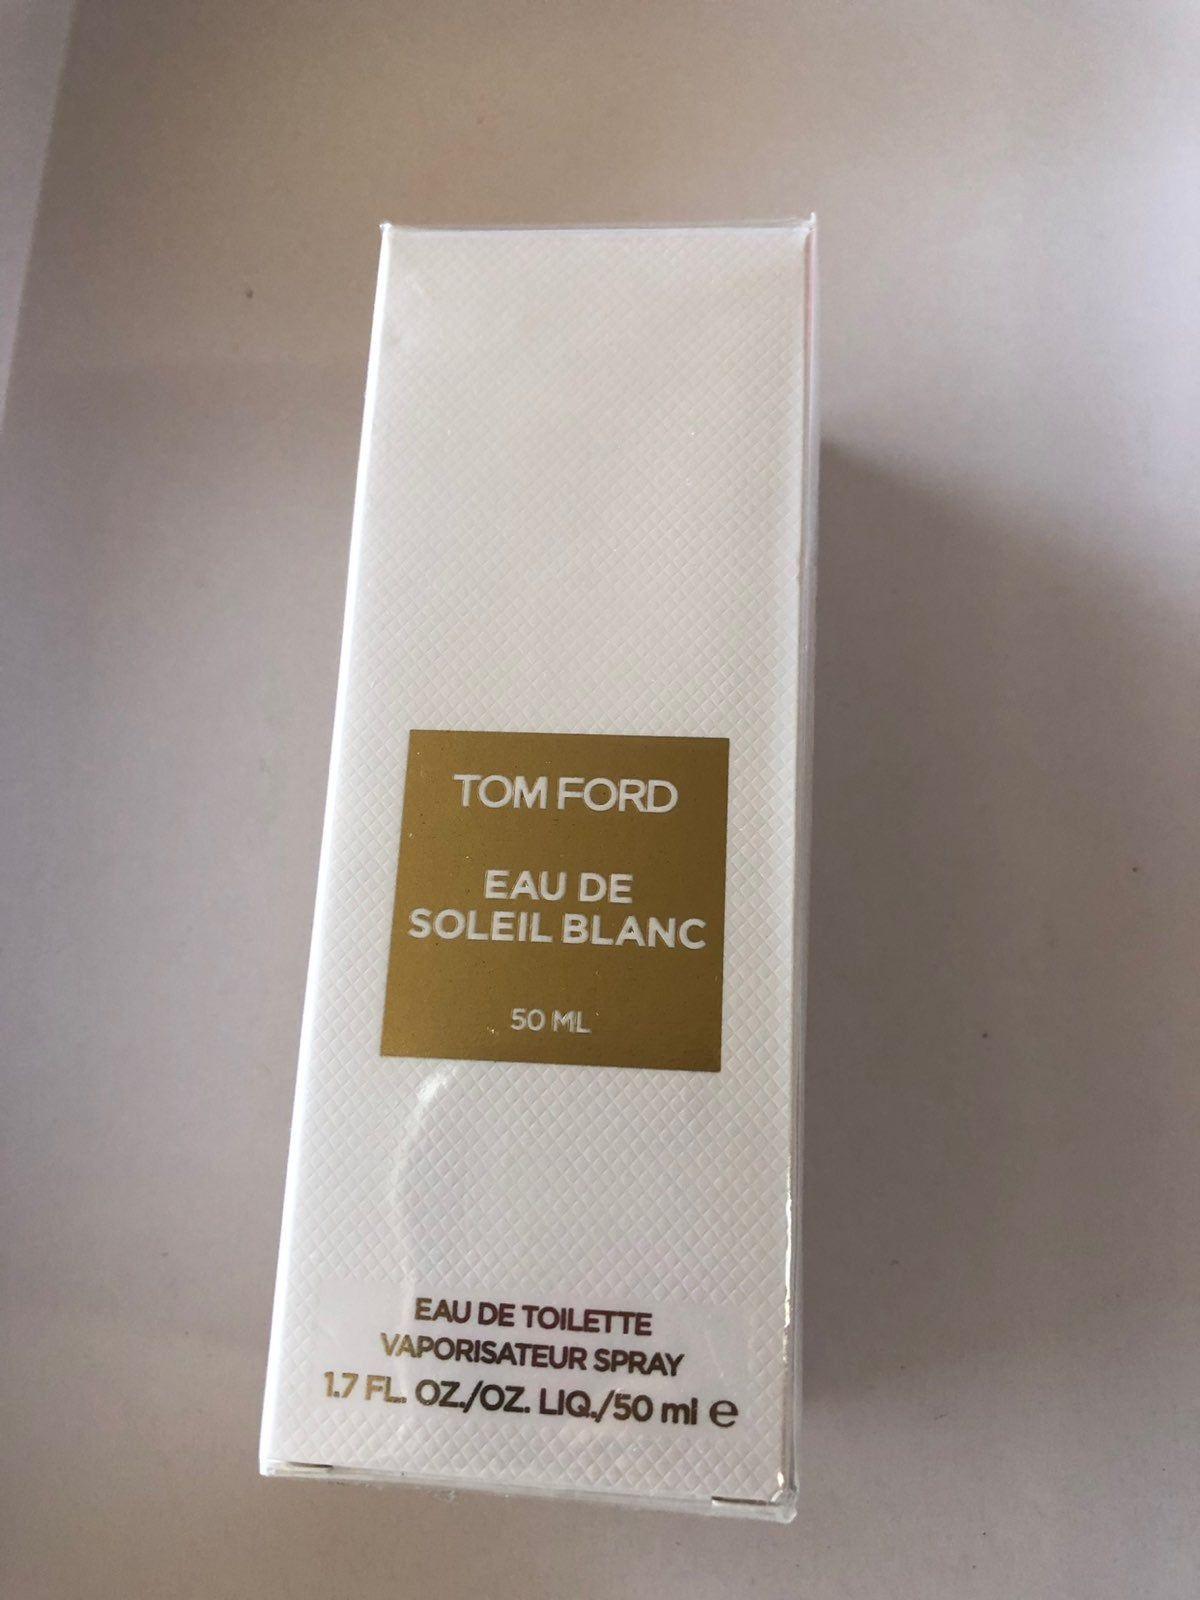 Tom Ford Eau De Soleil Blanc 1 7oz Brand New In Box Still Sealed